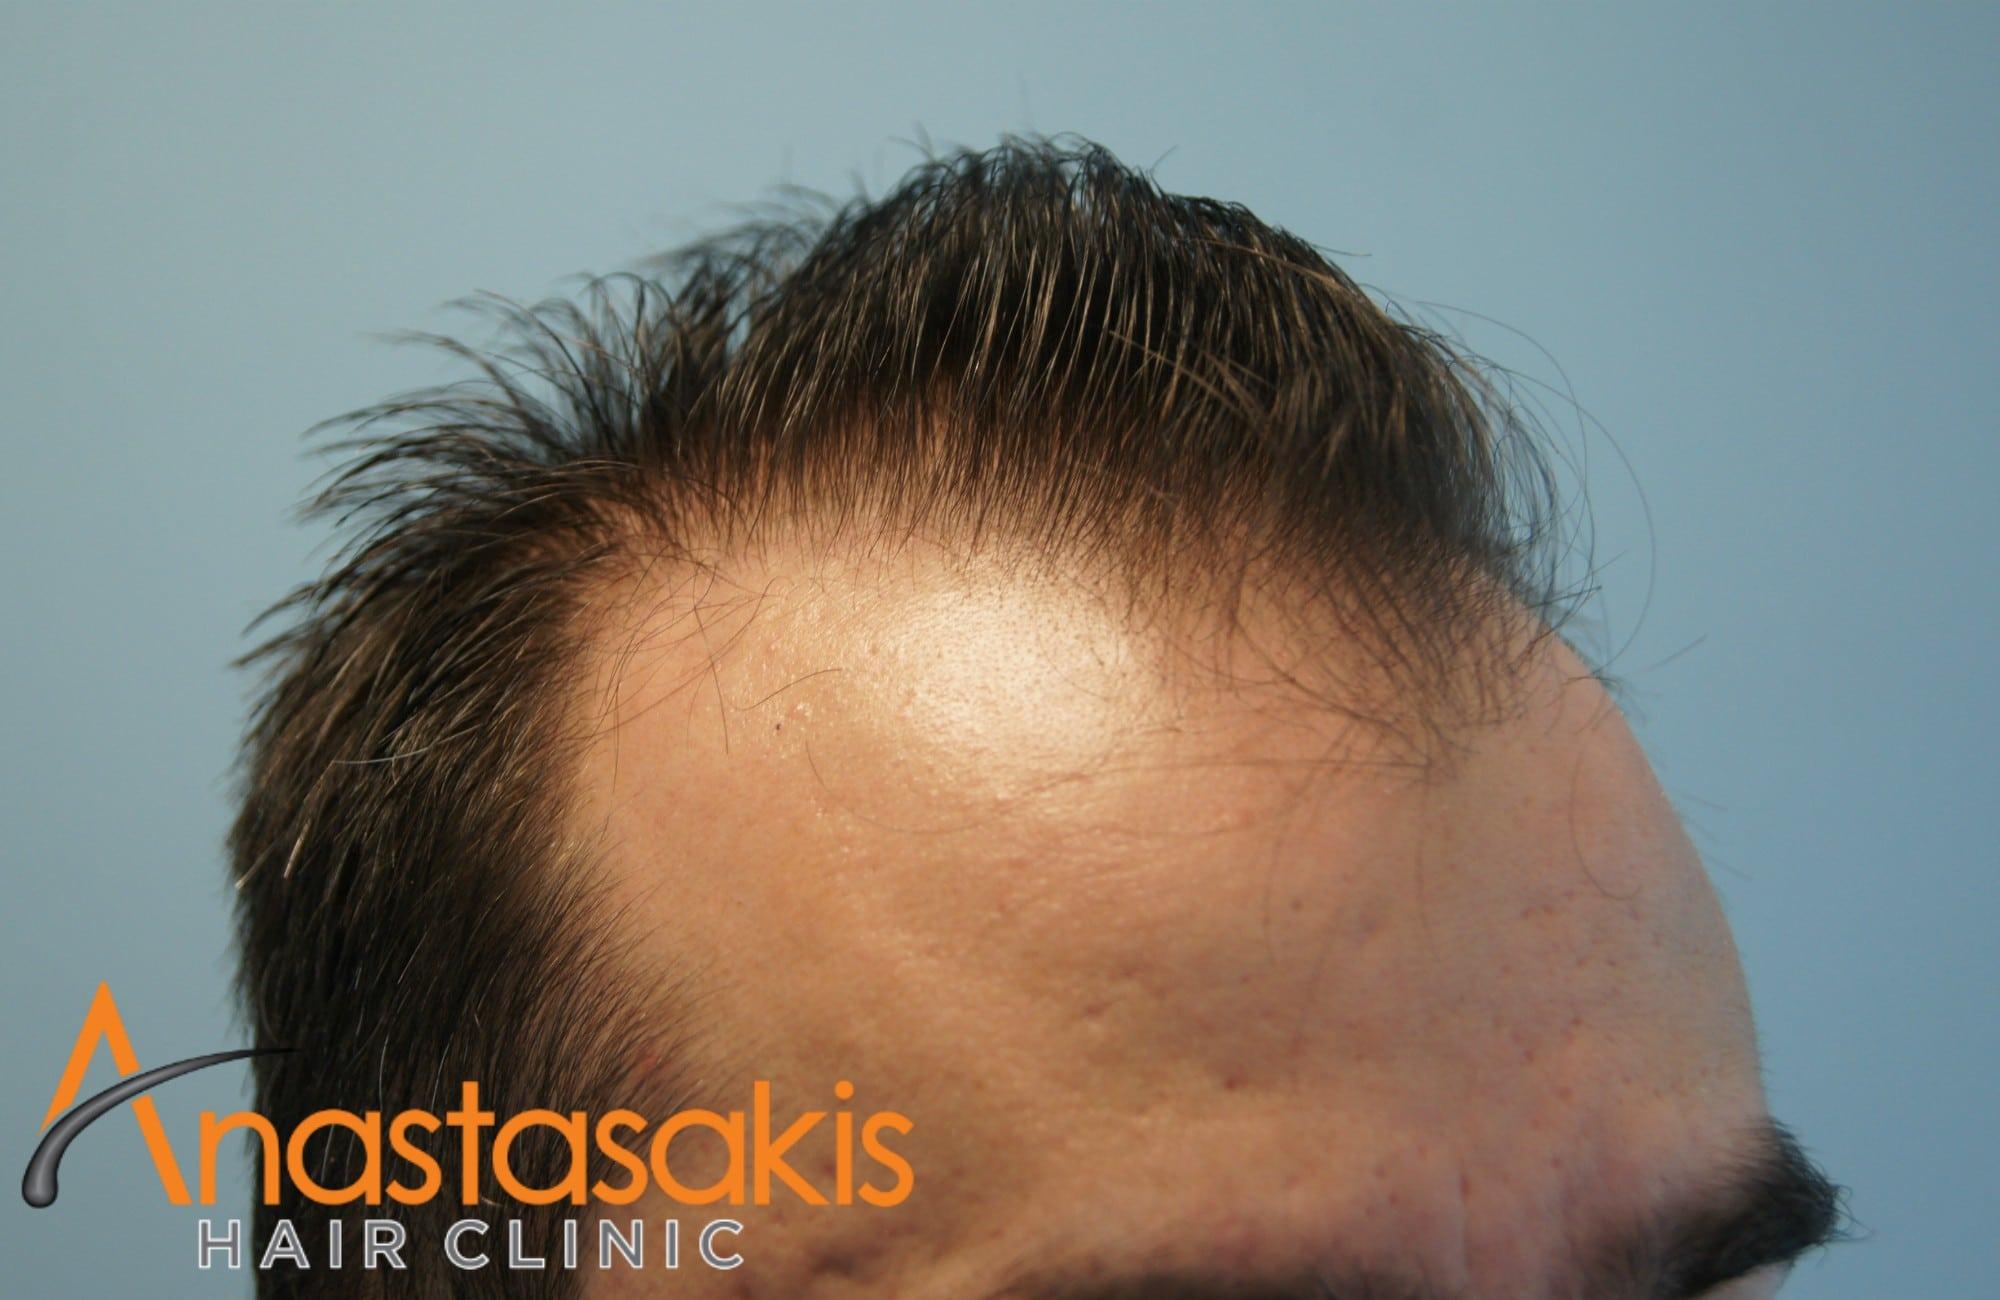 αριστερο προφιλ ασθενους πριν τη μεταμοσχευση μαλλιων με 2500fus